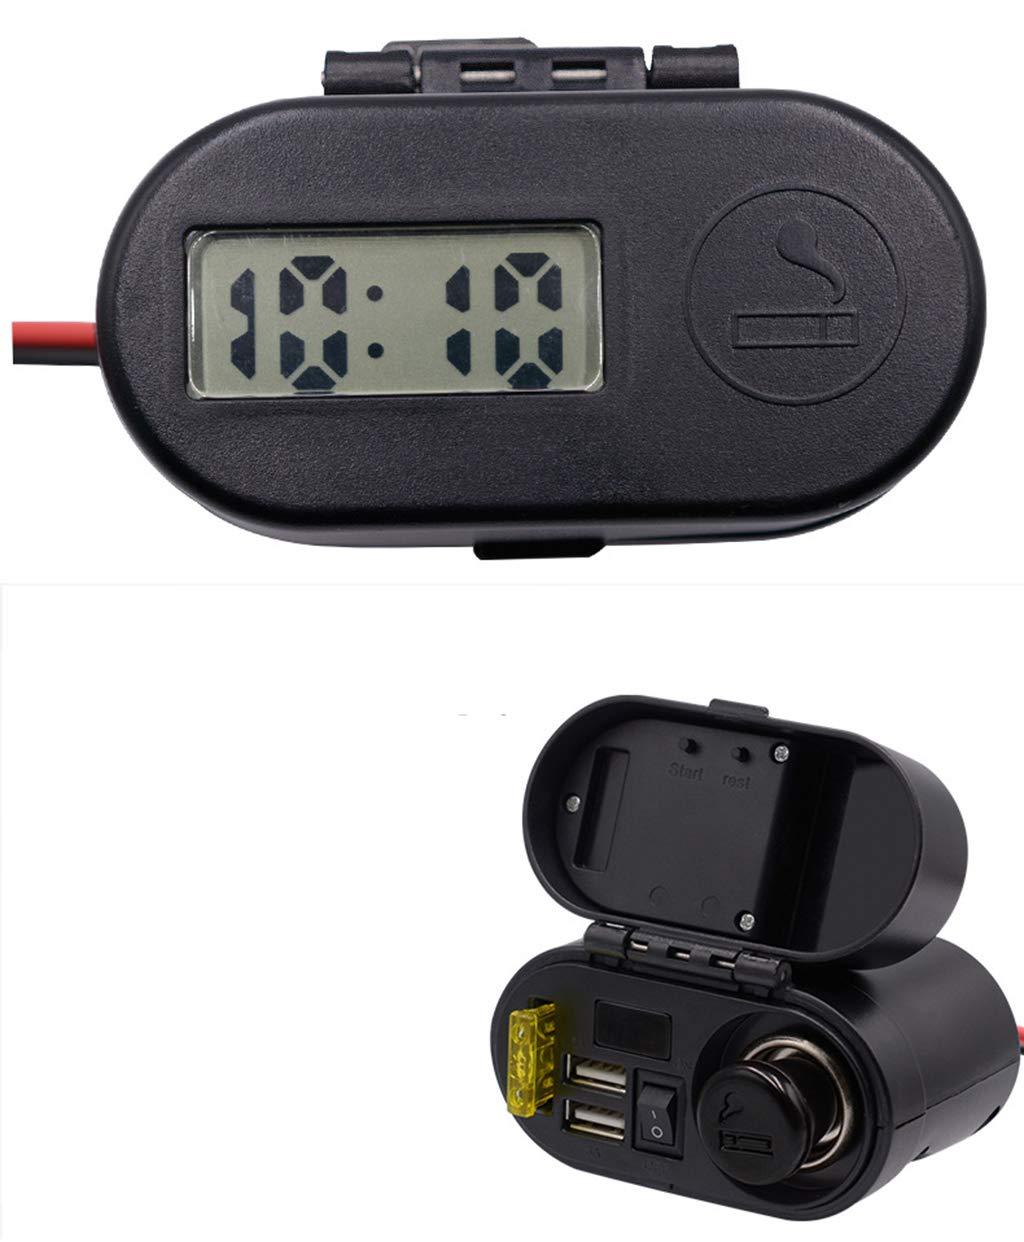 ... 24V con Puerto USB Doble Adaptador De Teléfono Móvil para Barco De Yate RV Apertura Dual para iPhone iPad, Samsung, GPS, Dashcam, Detector De Radar: ...